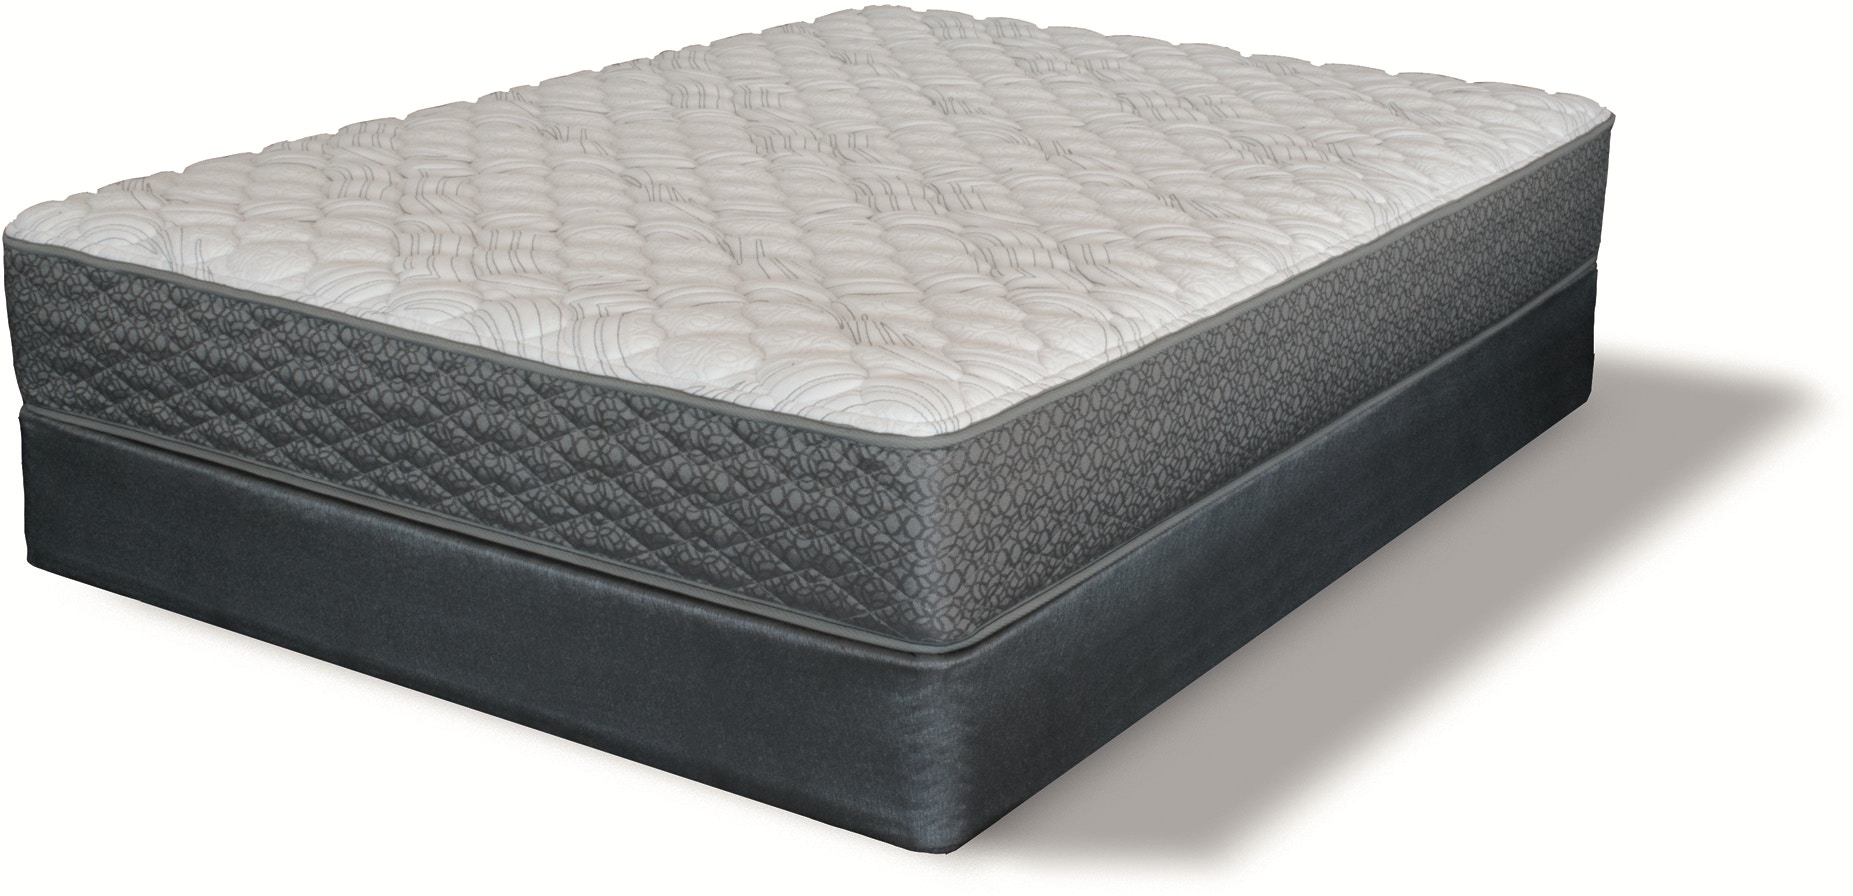 by sertaa mattresses nationalism firm mattress set queen 361744